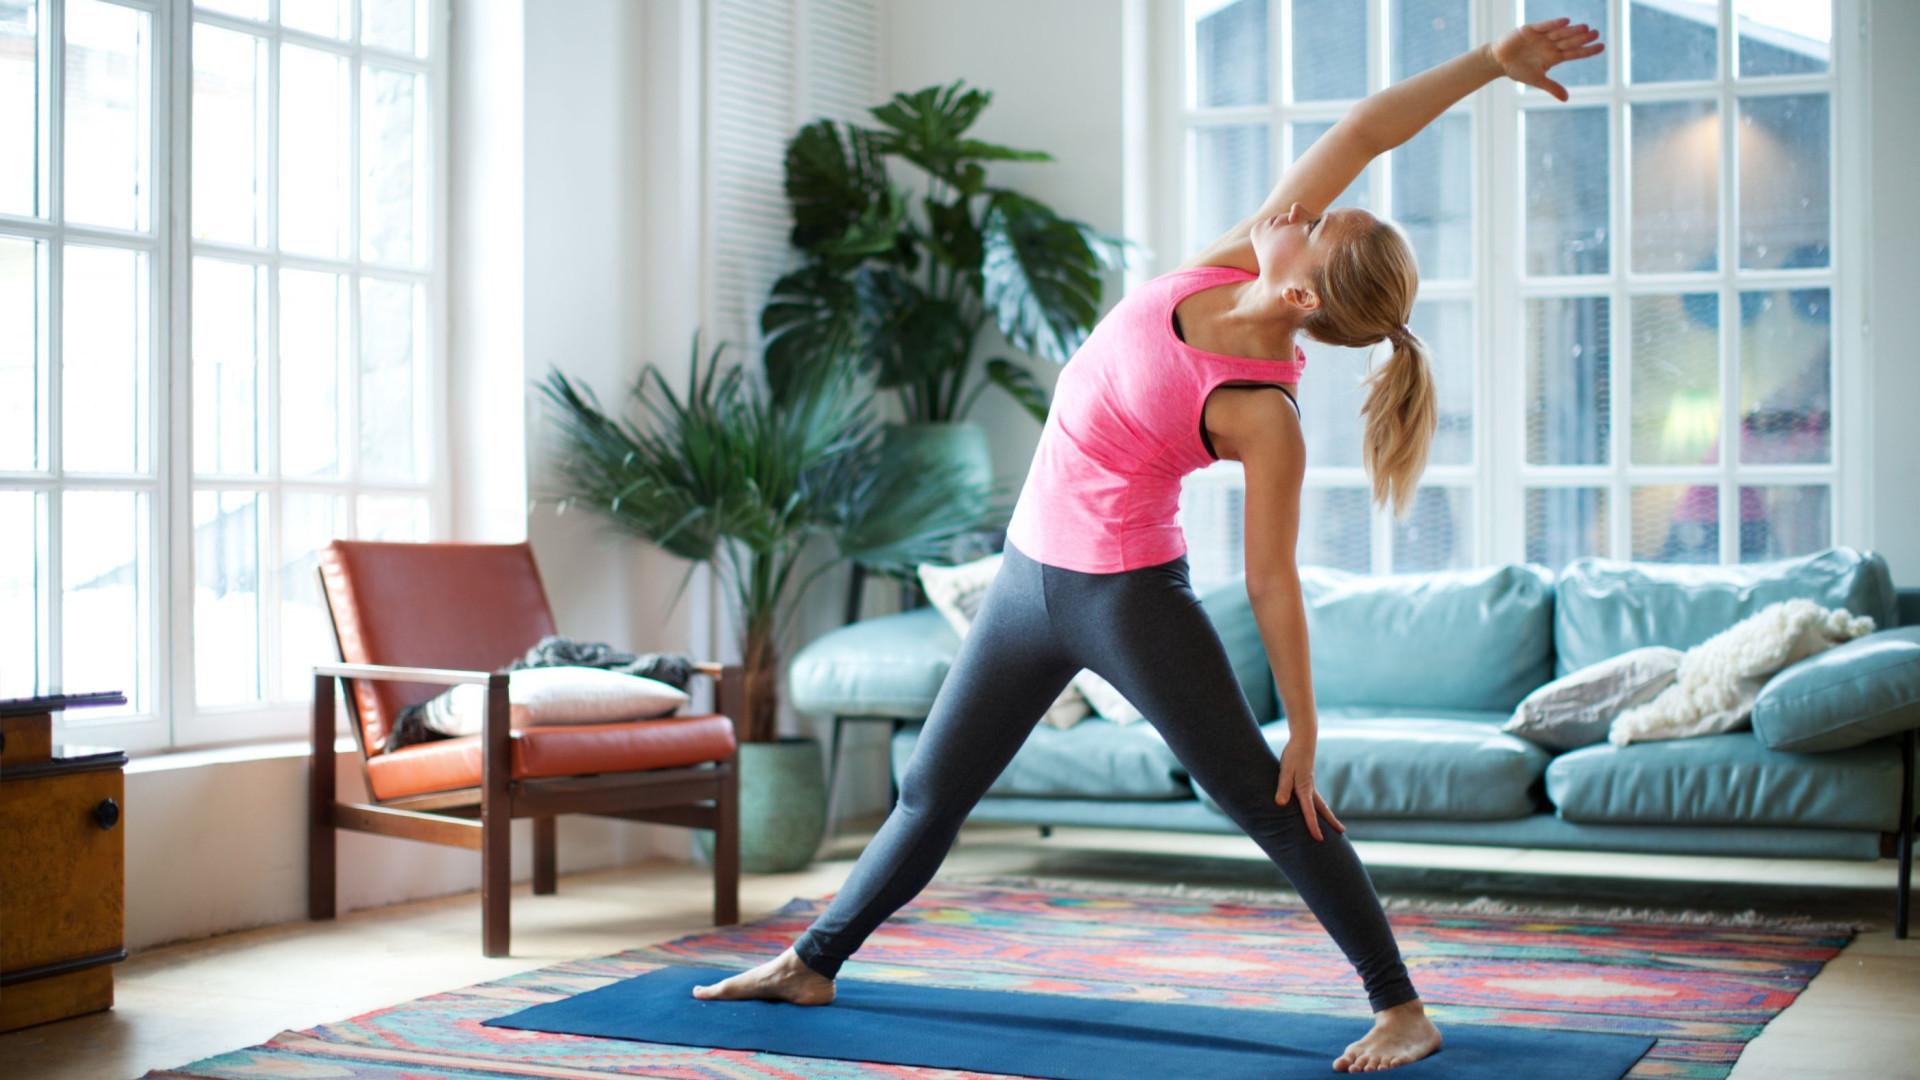 Sete passos para começar a exercitar-se em casa, sem gastar dinheiro